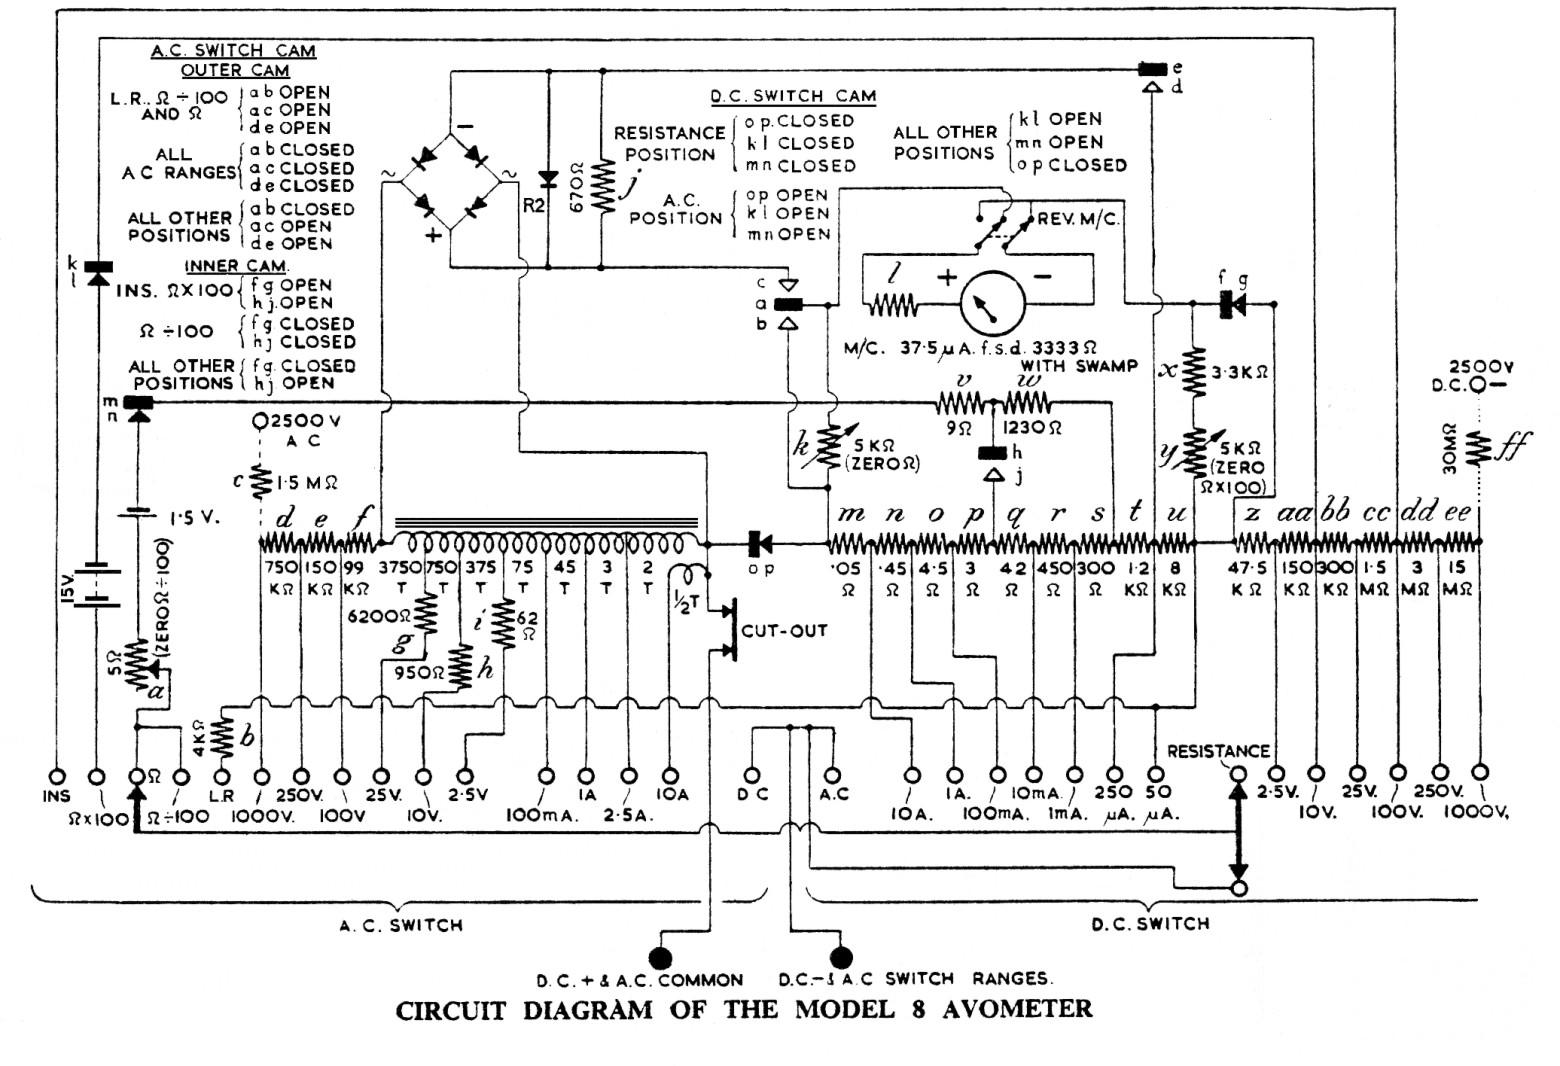 avo 8 mk 7 circuit diagram